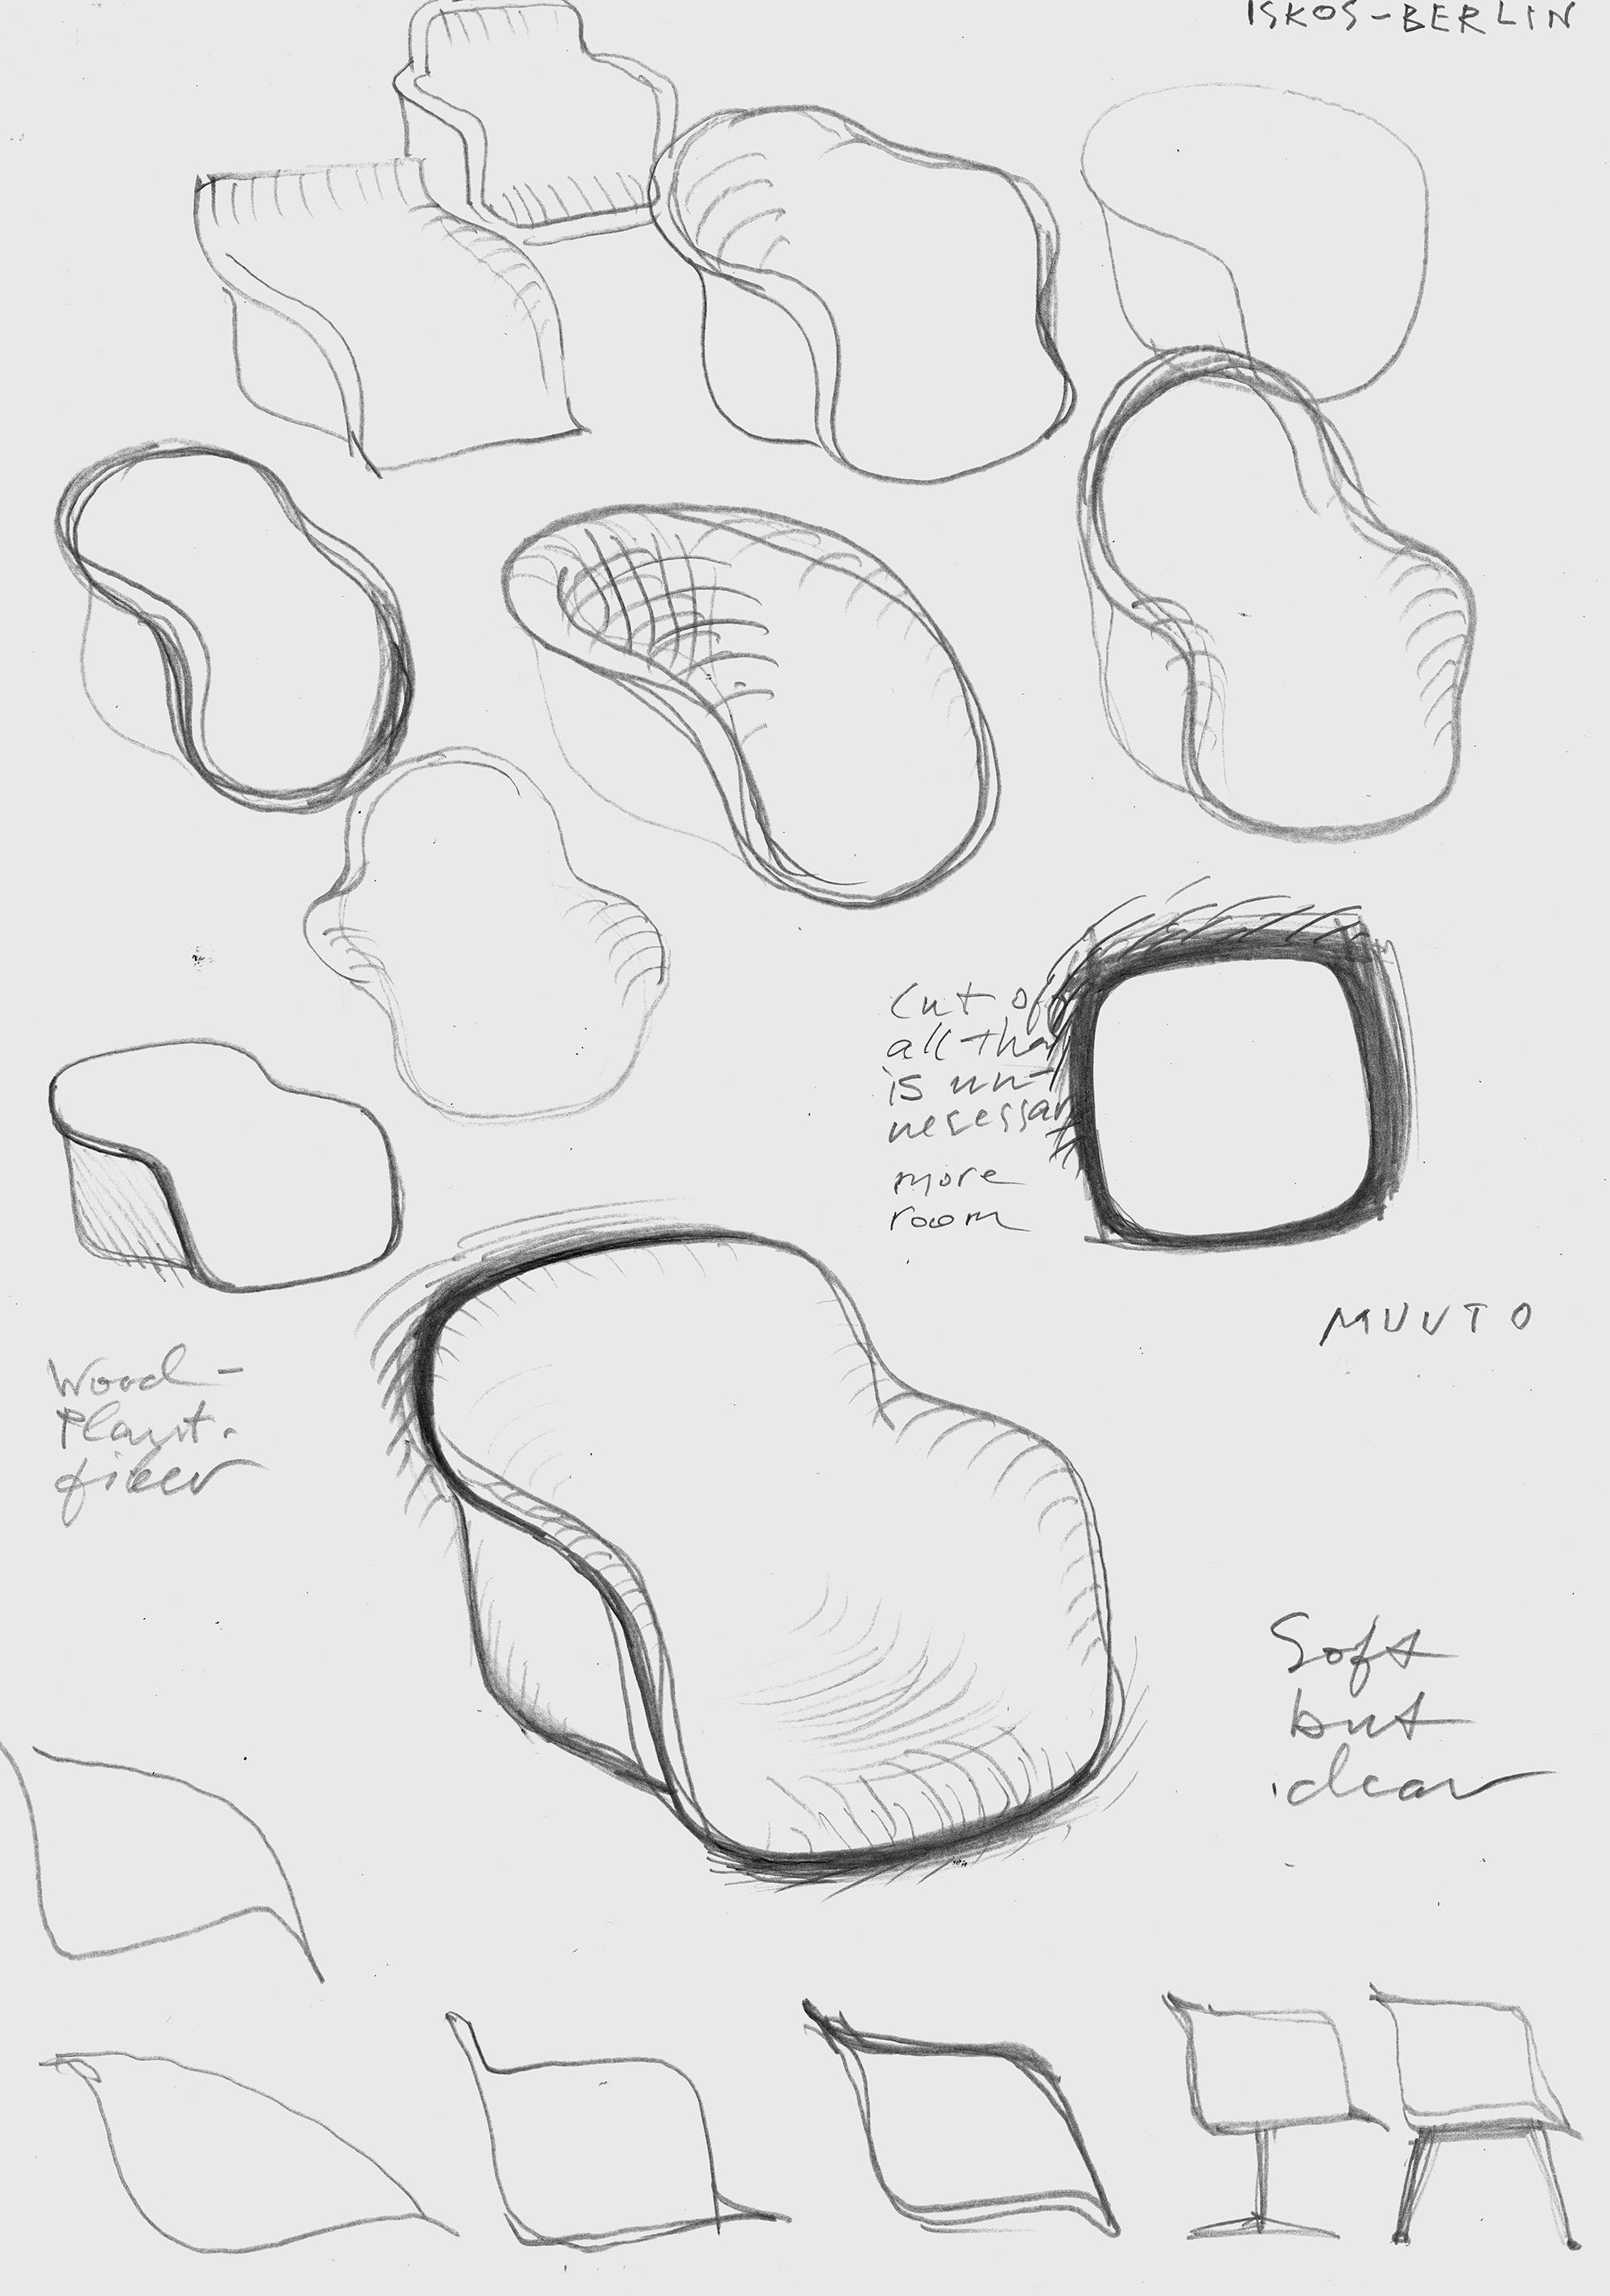 MUUTO_Fiber_sketch.jpg